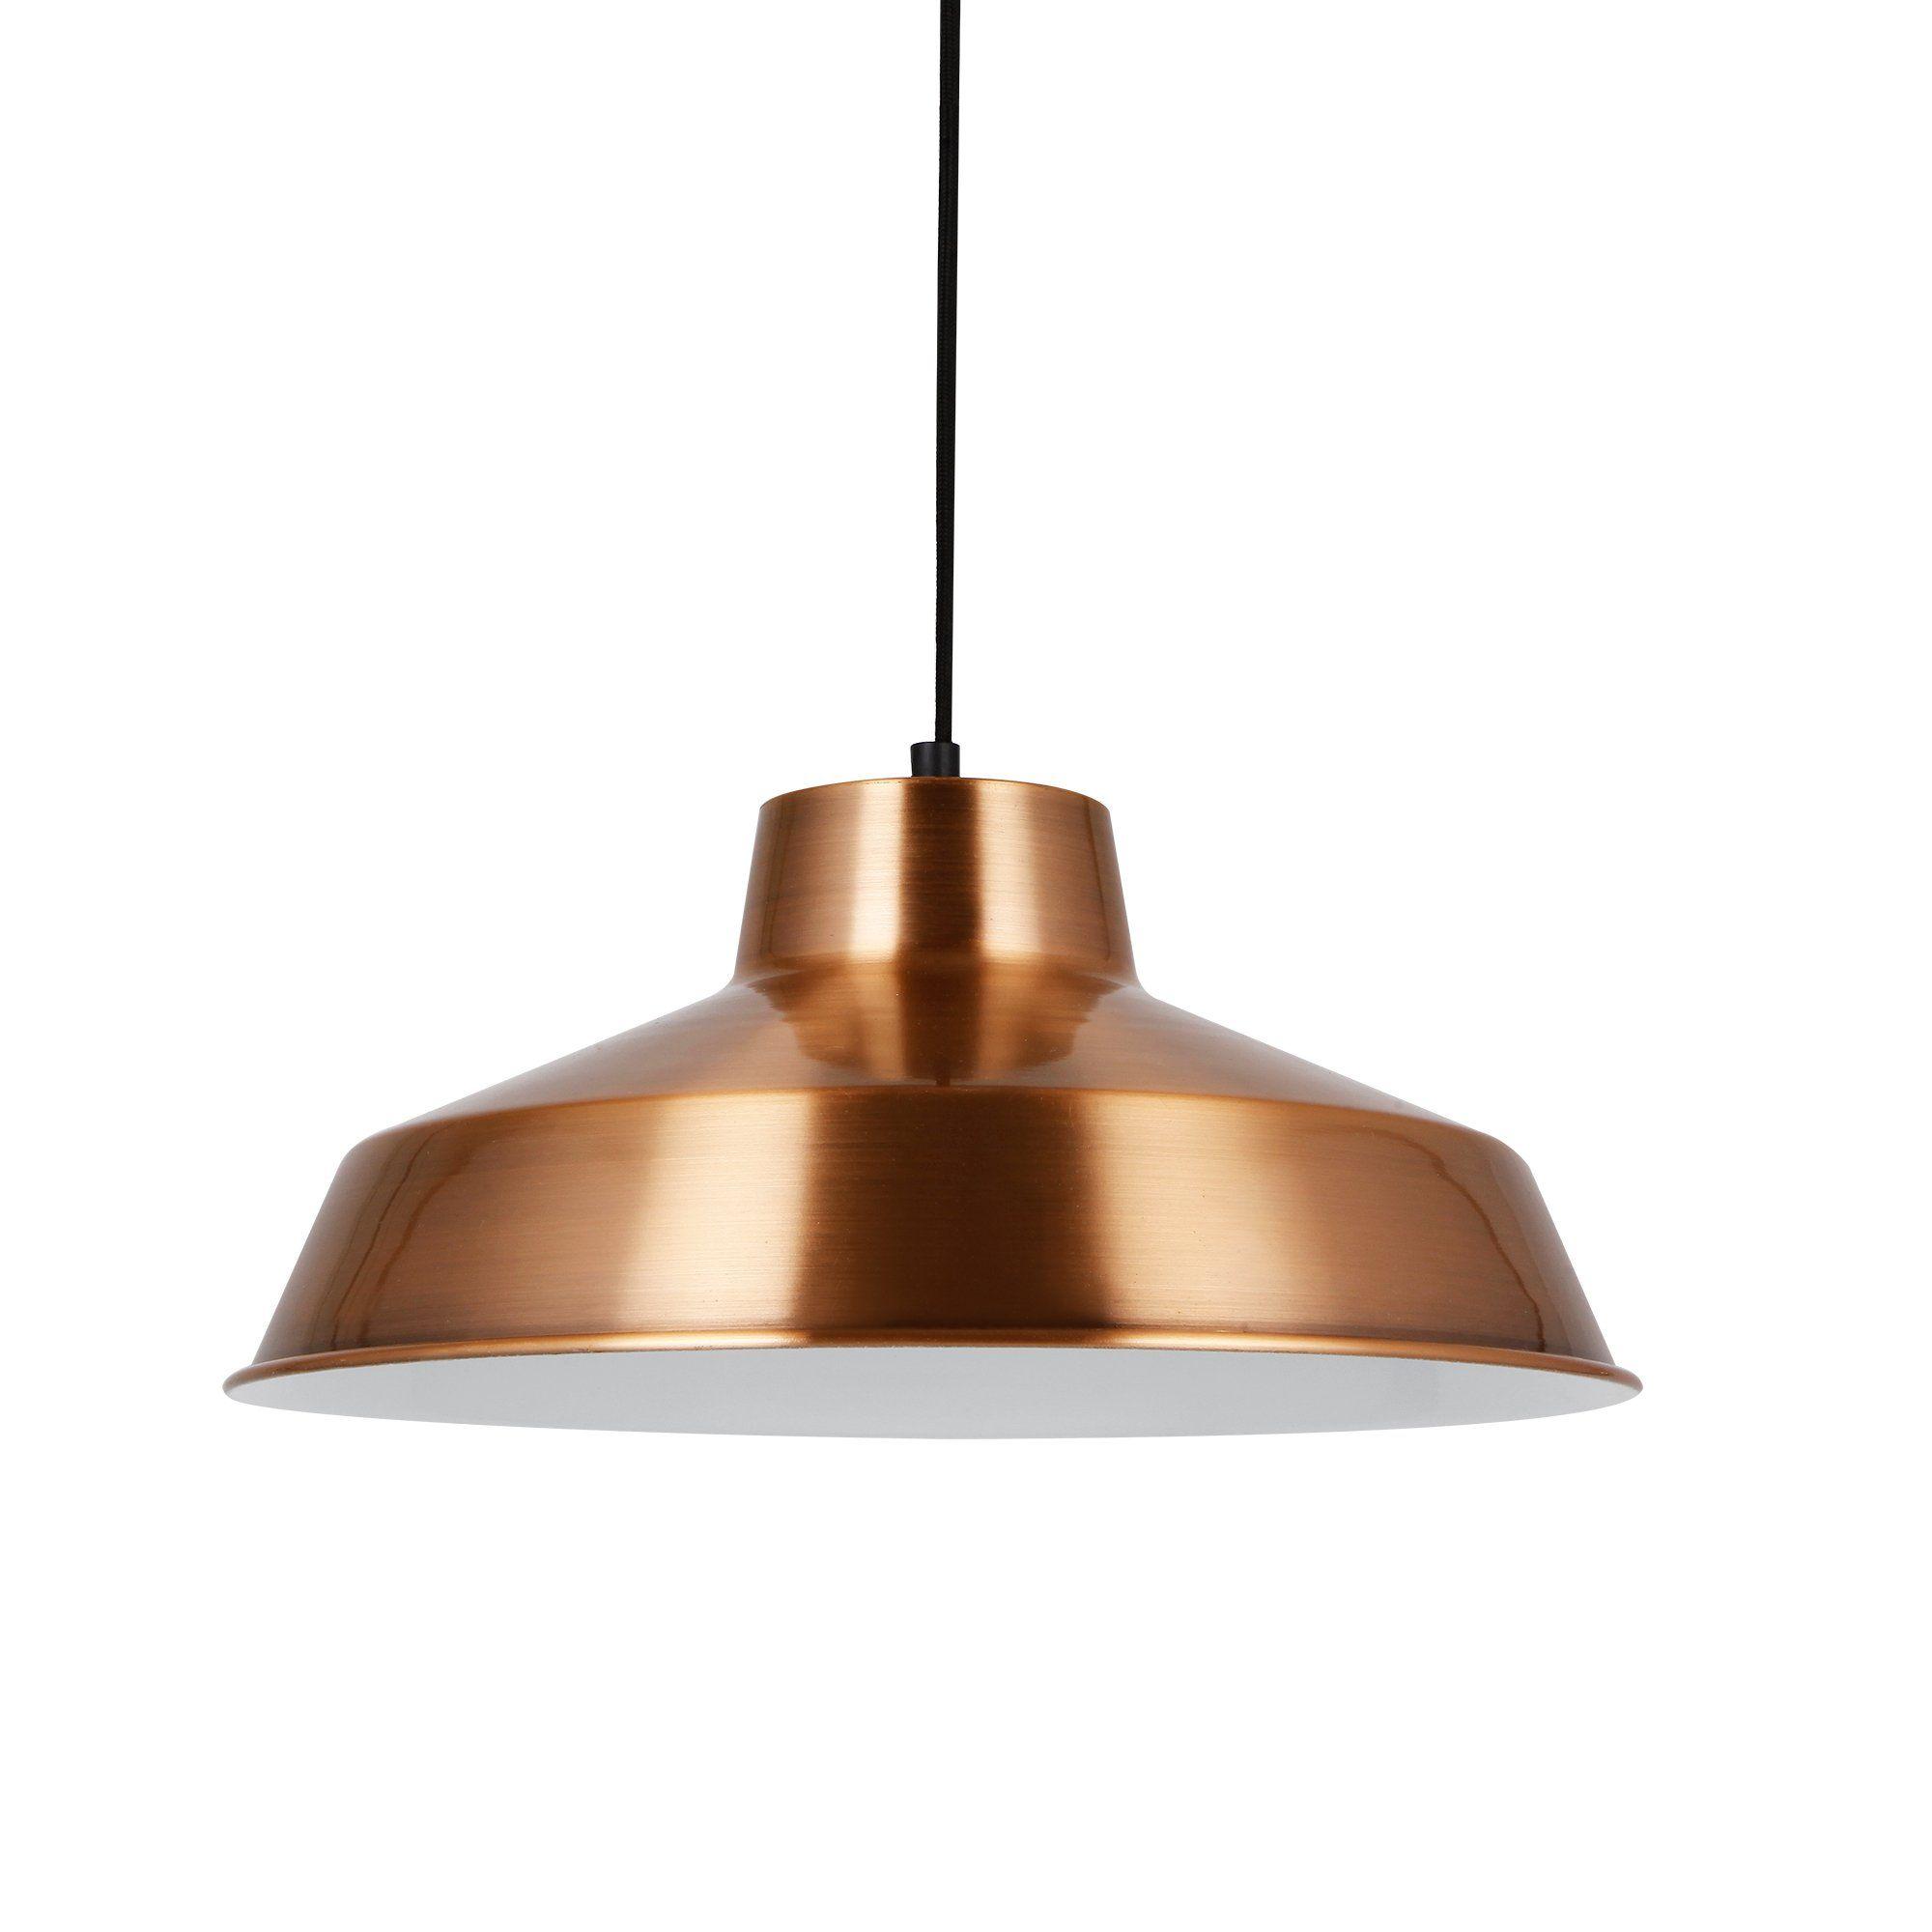 Hängeleuchte Design pro hängeleuchte design decken le kupfer metall ø35cm